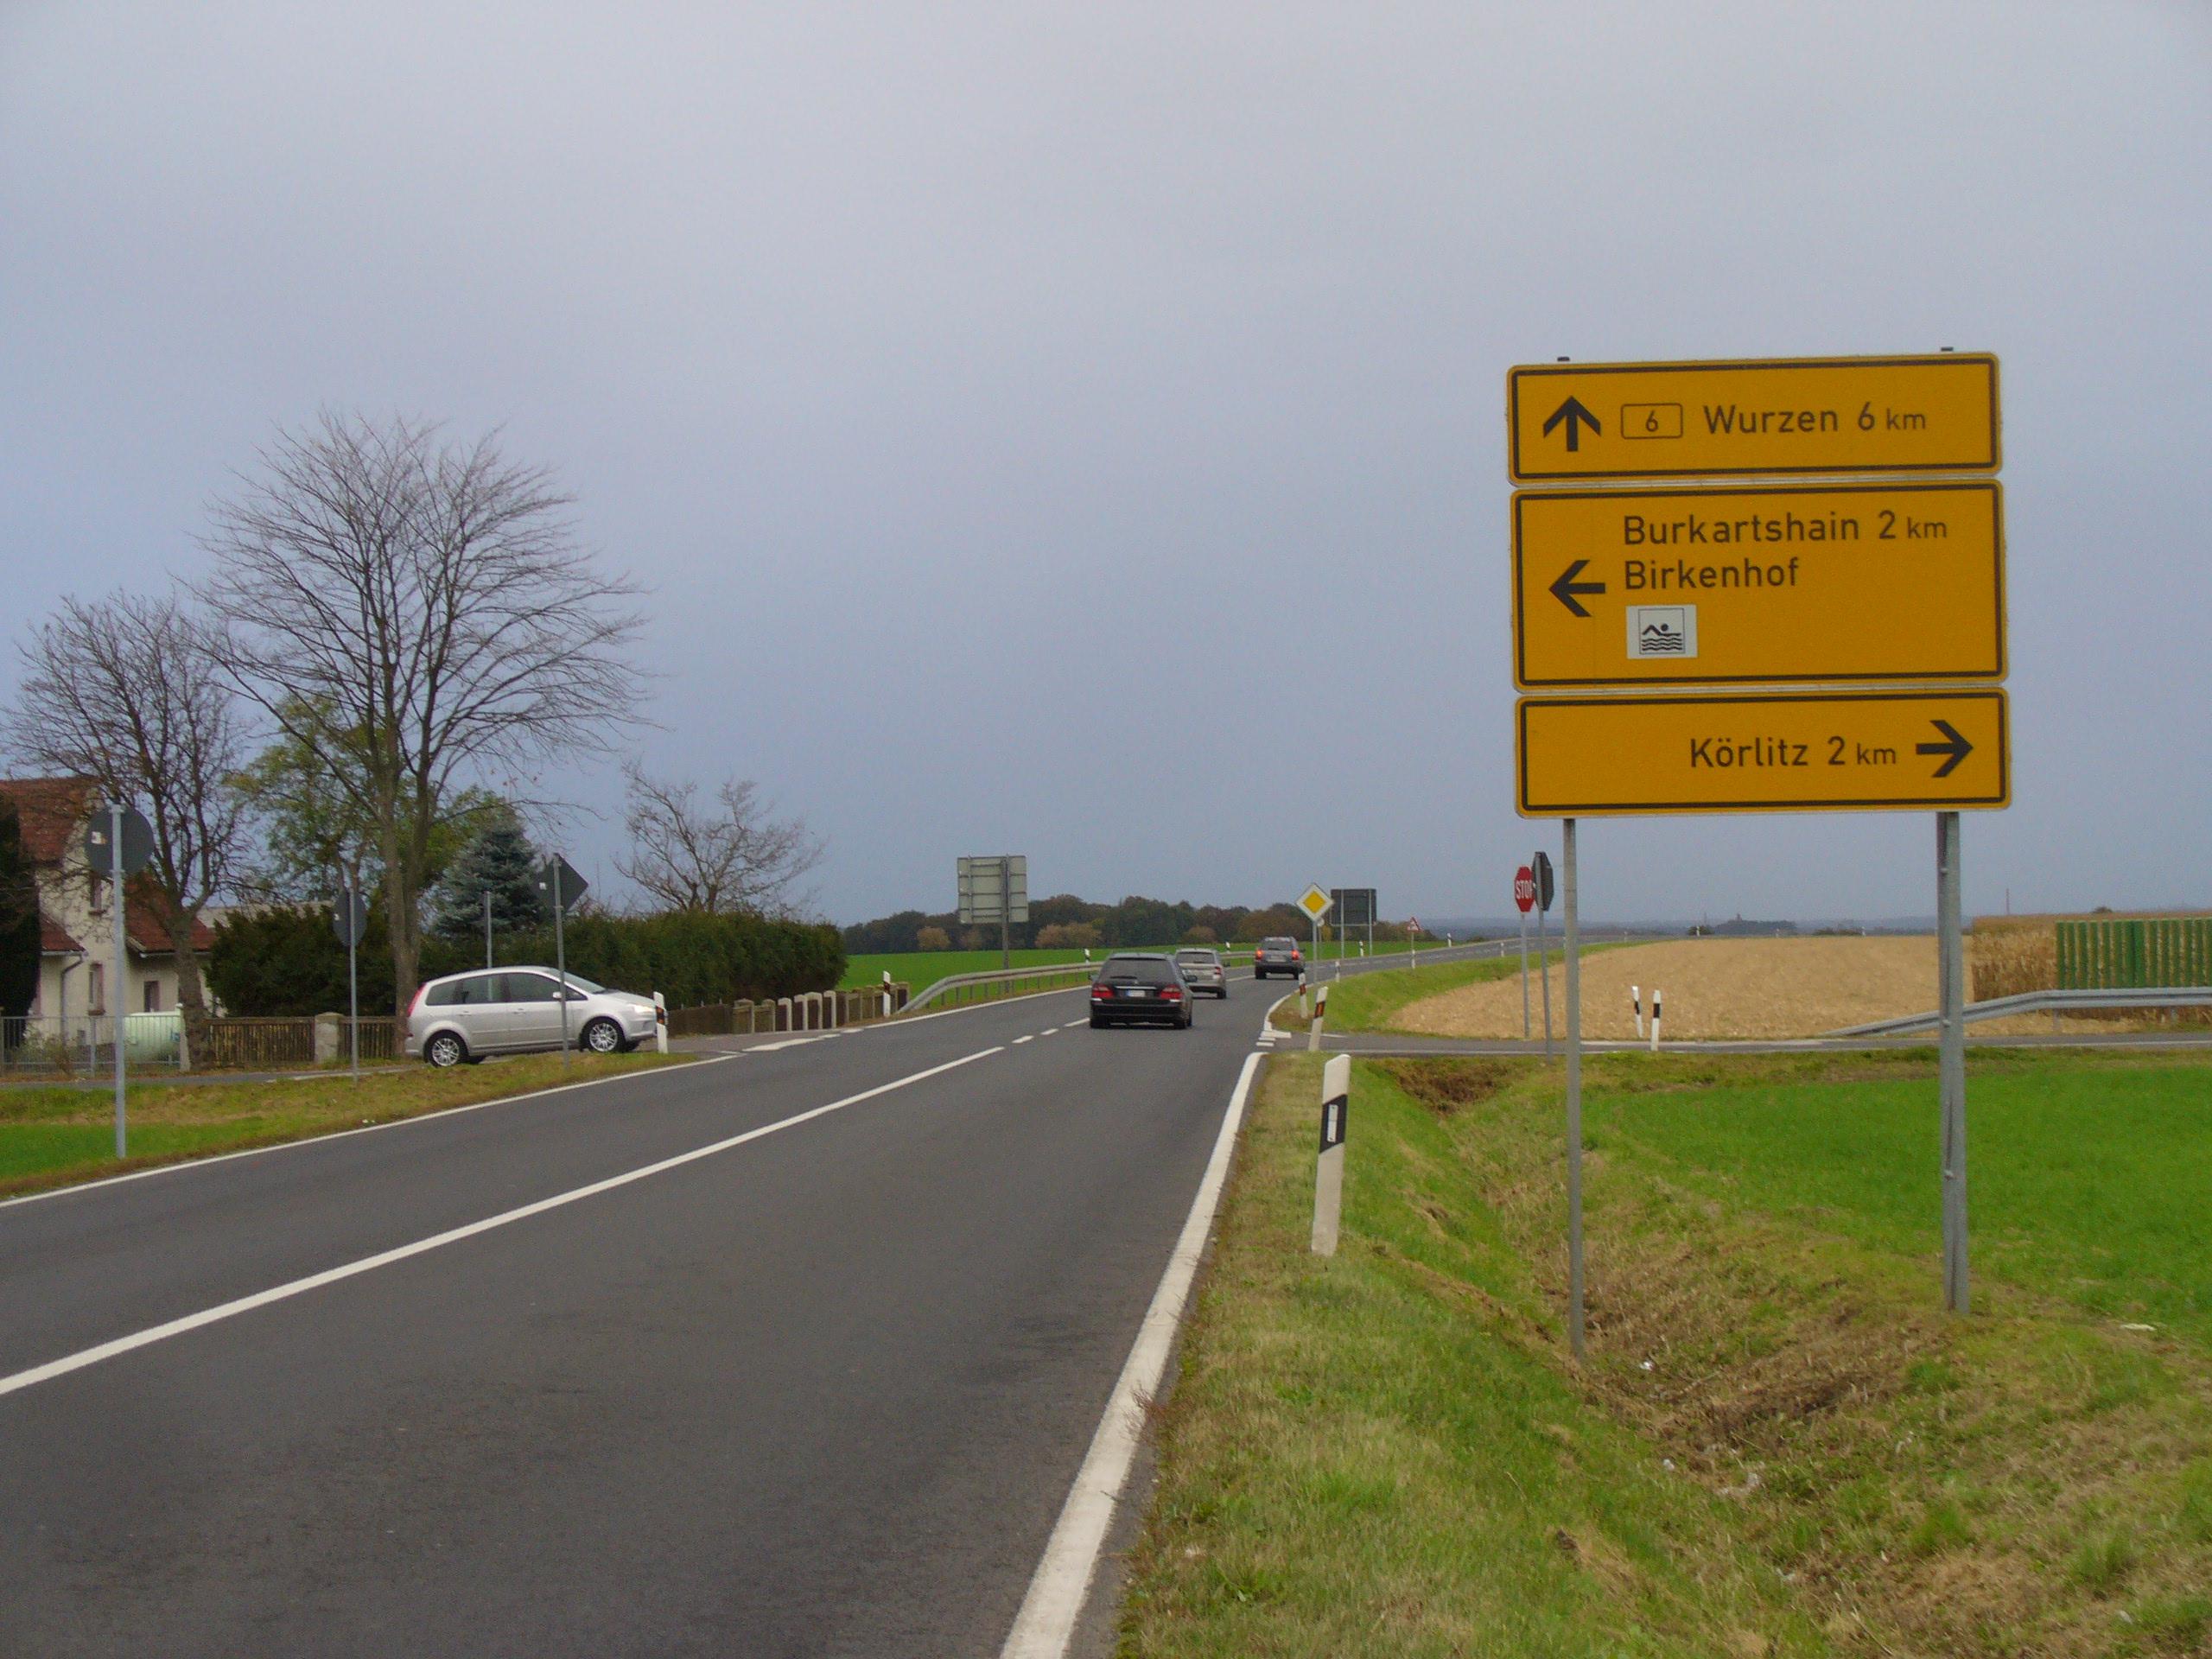 Birkenhof – Ausbau zum Kreisverkehr startet